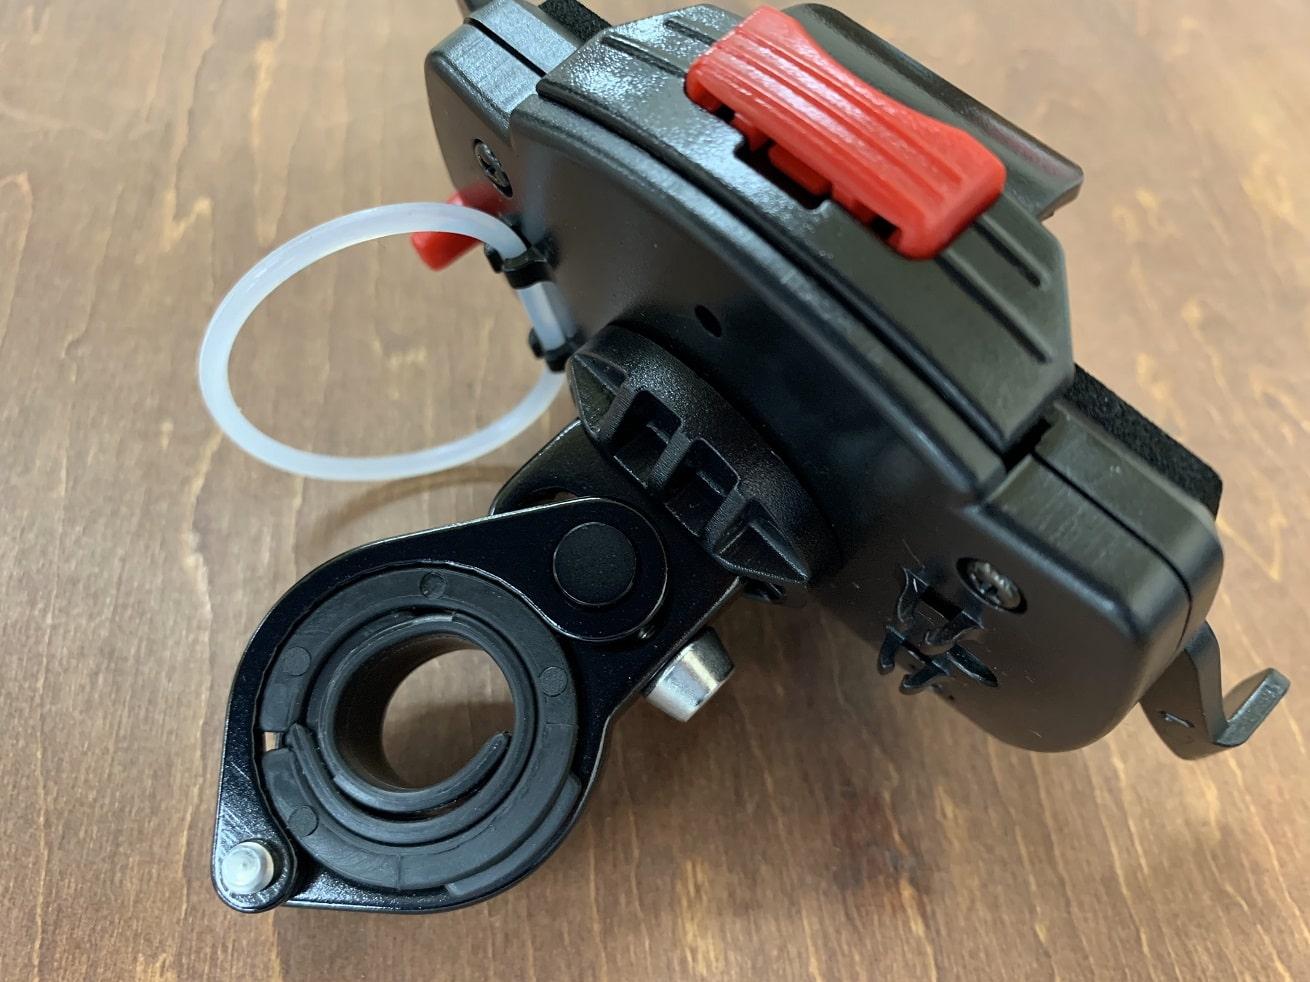 自転車スマホホルダー「ミノウラiH-520-D」本体とクランプ取り付け